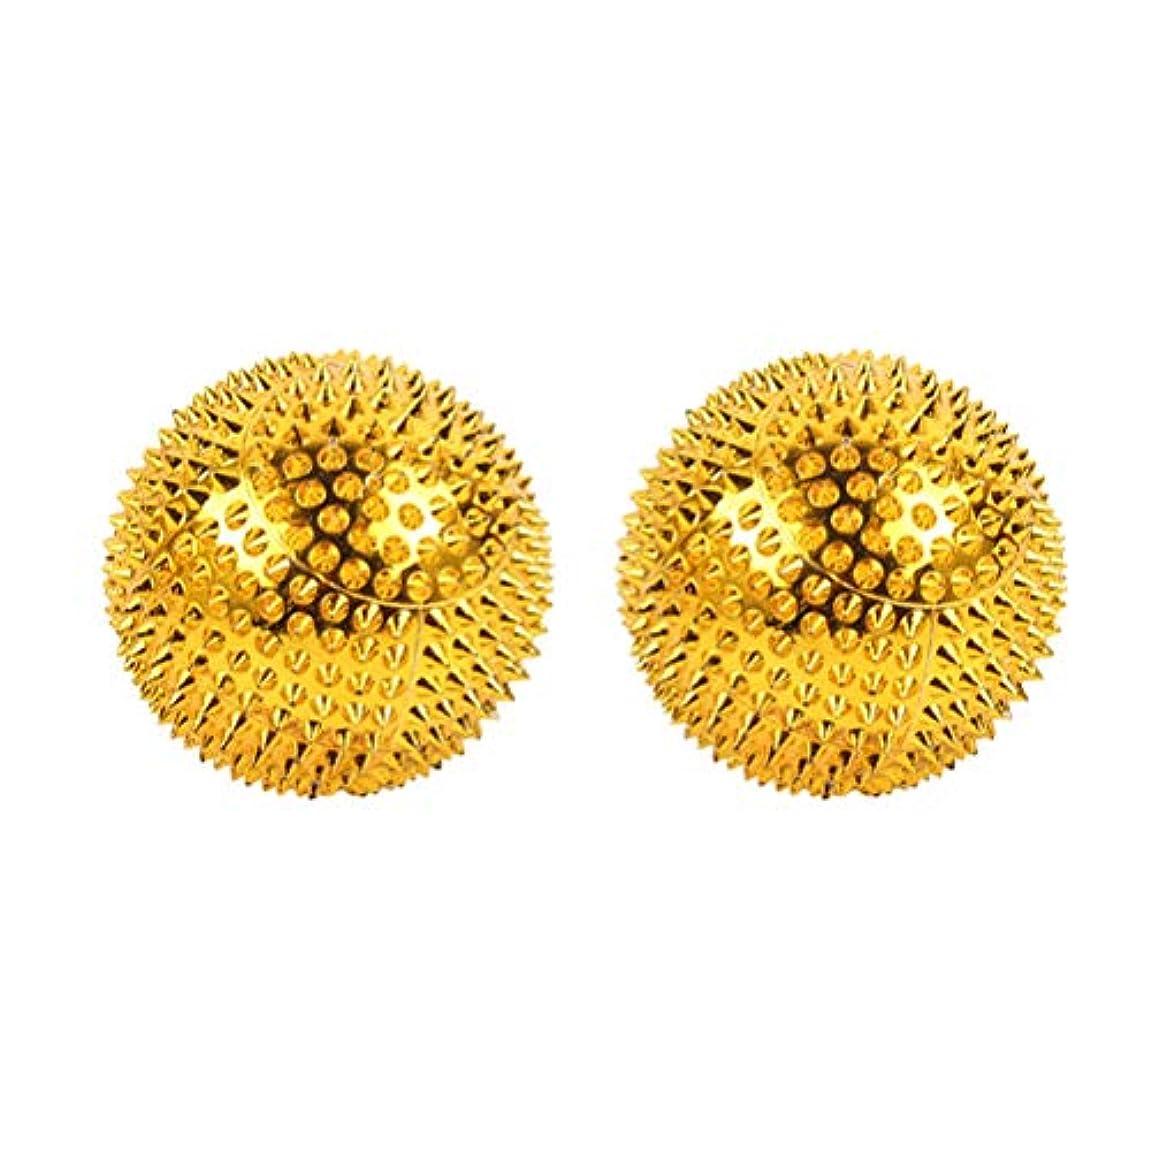 雄弁ためにセマフォHEALIFTY 磁気マッサージボール先端のとがった鍼灸ボール指圧マッサージ2本(ゴールデン)